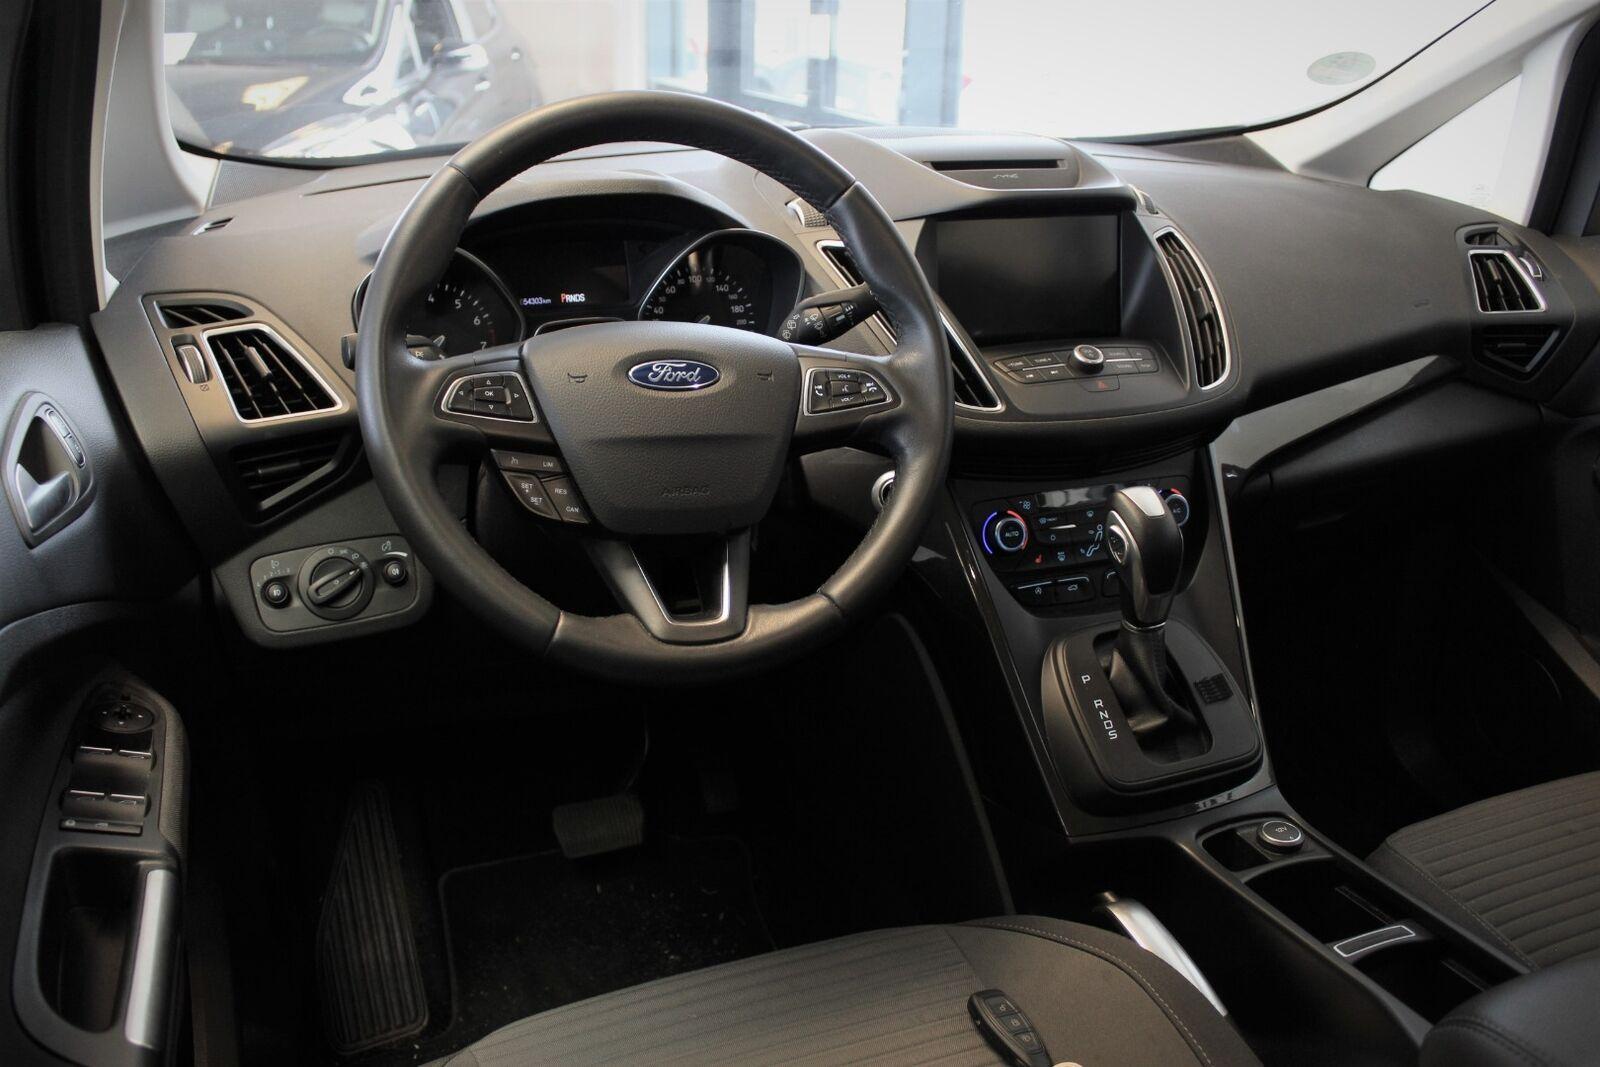 Ford Grand C-MAX 1,5 SCTi 150 Titanium aut. 7prs - billede 4